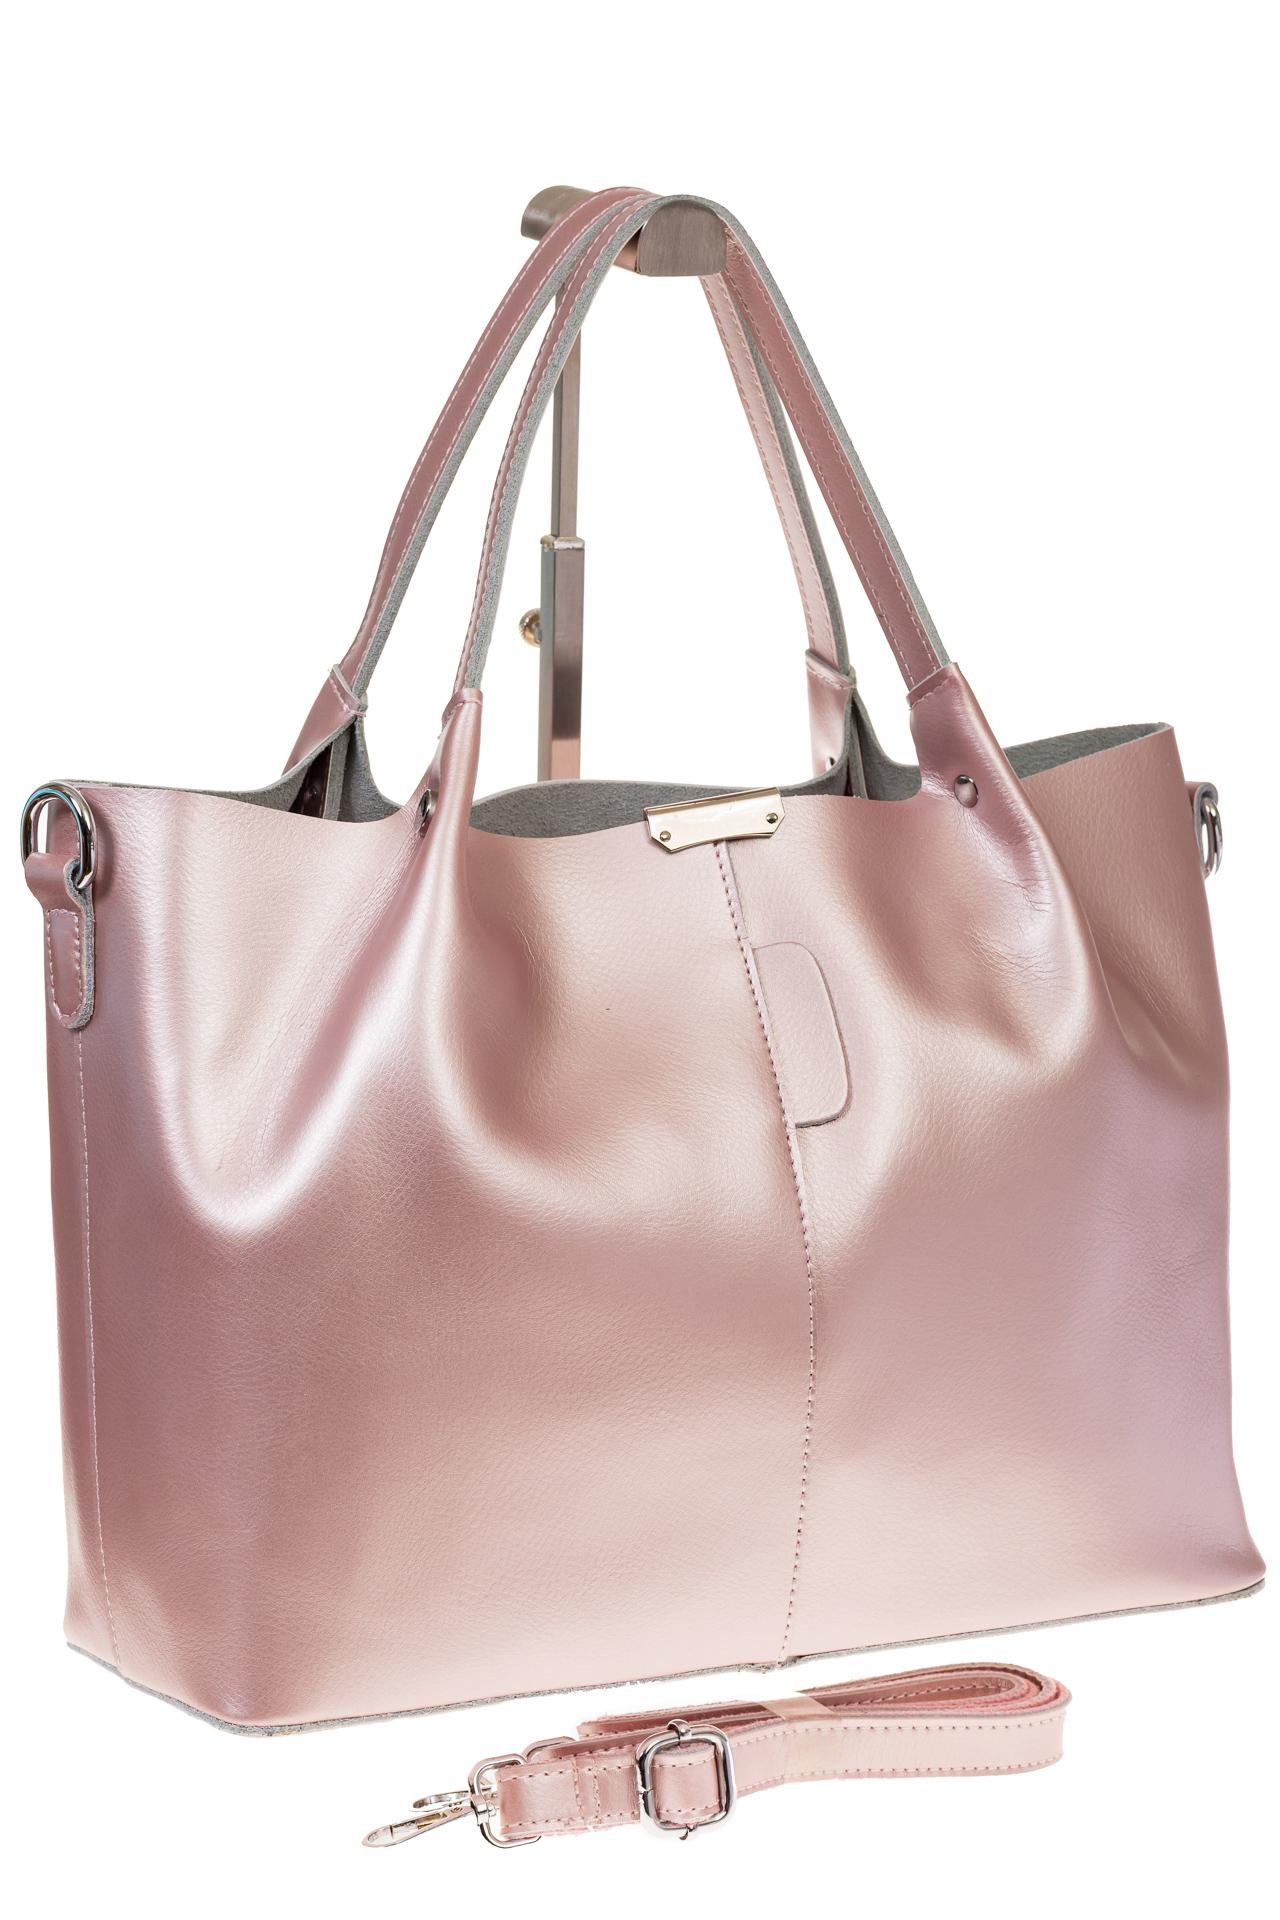 на фото Кожаный шопер розовый металлик 609AK2